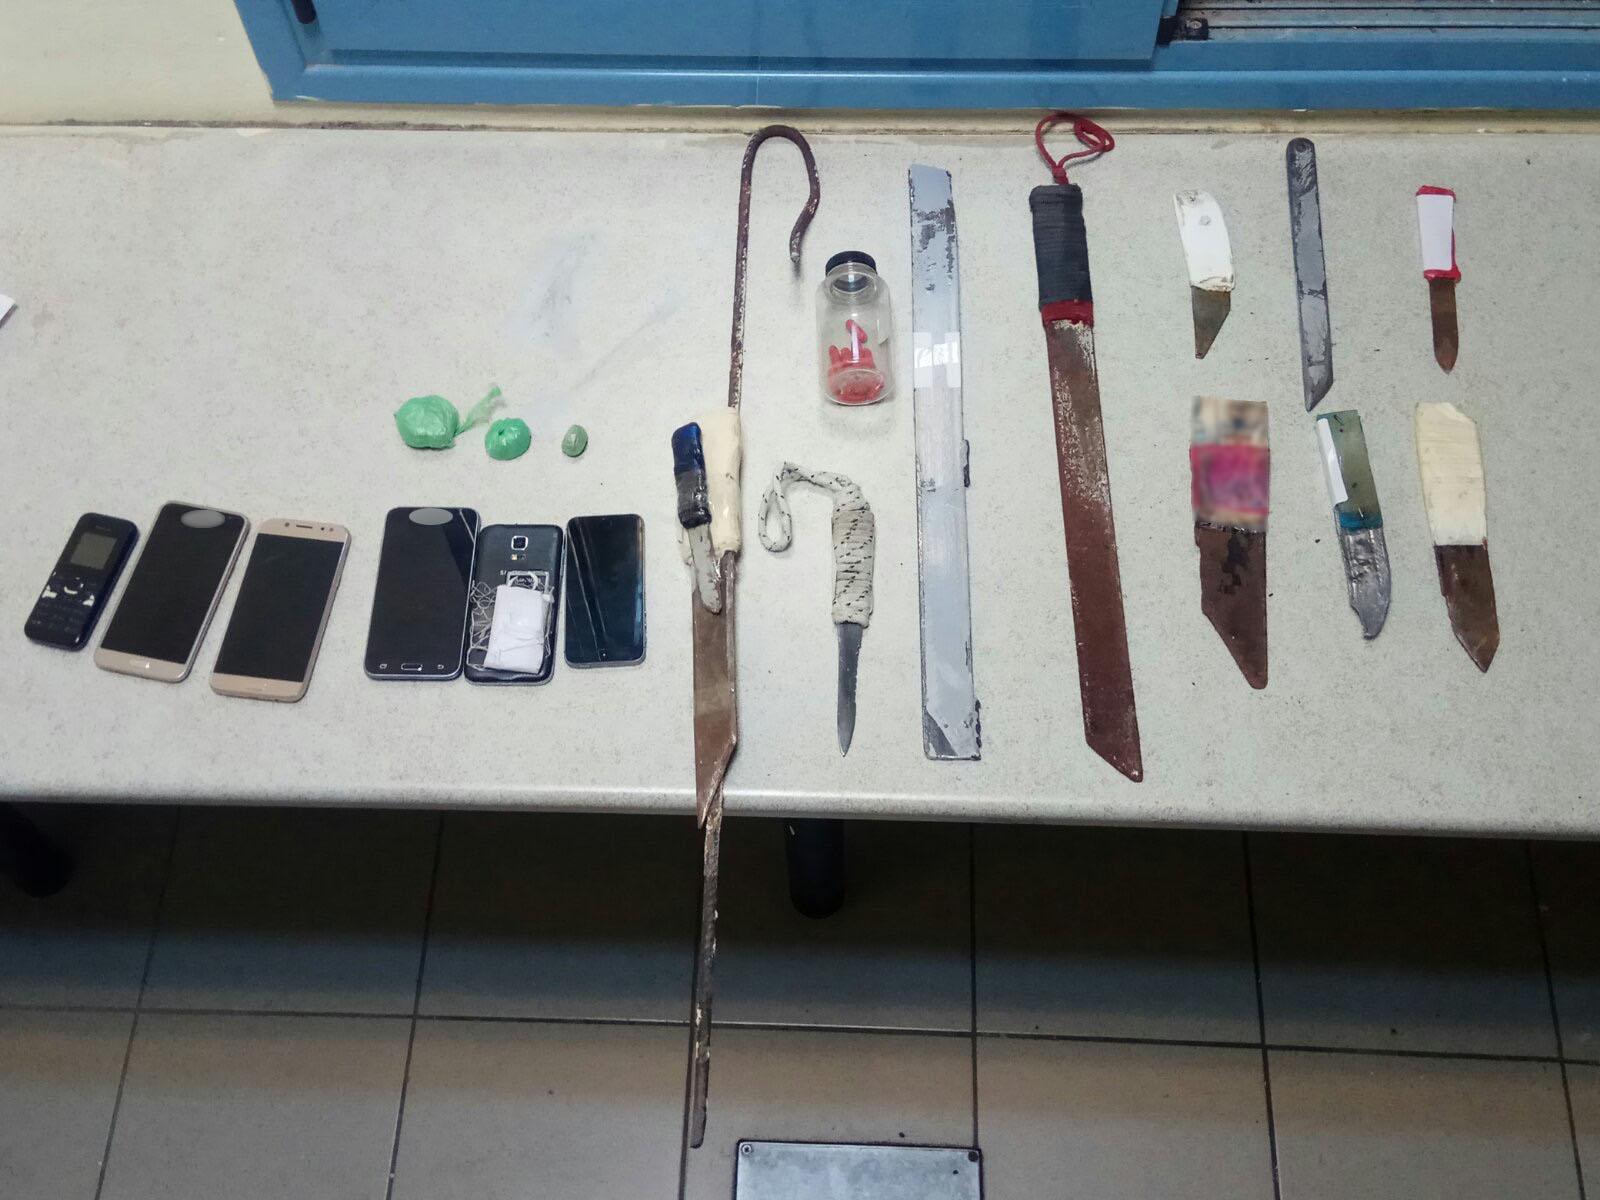 Φυλακές Δομοκού: Ηρωίνη, μαχαίρια και κινητά τηλέφωνα σε κελιά (pics)